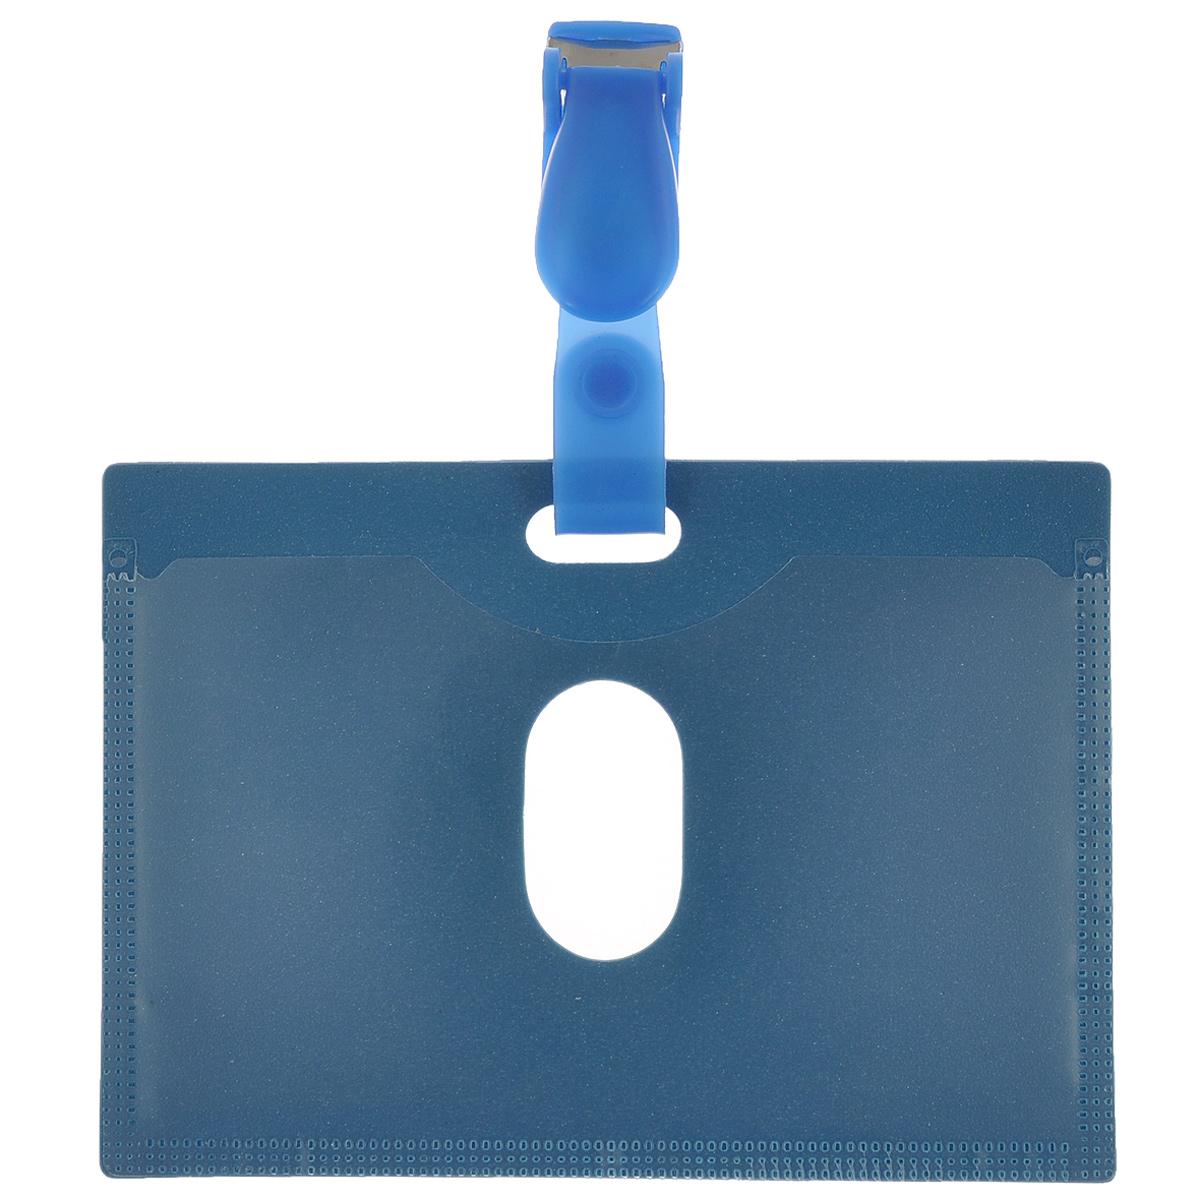 """Бейдж """"Proff"""" - неотъемлемый атрибутом любого офиса или филиала компании и является визитной карточкой сотрудника, уважающего своего клиента. Бейдж """"Proff"""" изготовлен из прочного непрозрачного пластика, имеет прозрачный кармашек, внутрь которого помещается информационный вкладыш. Фиксируется на одежде при помощи надежного пластикового зажима, который крепится к бейджу при помощи хлястика. Бейдж имеет закругленные углы, что обеспечивает износостойкость и опрятный внешний вид."""